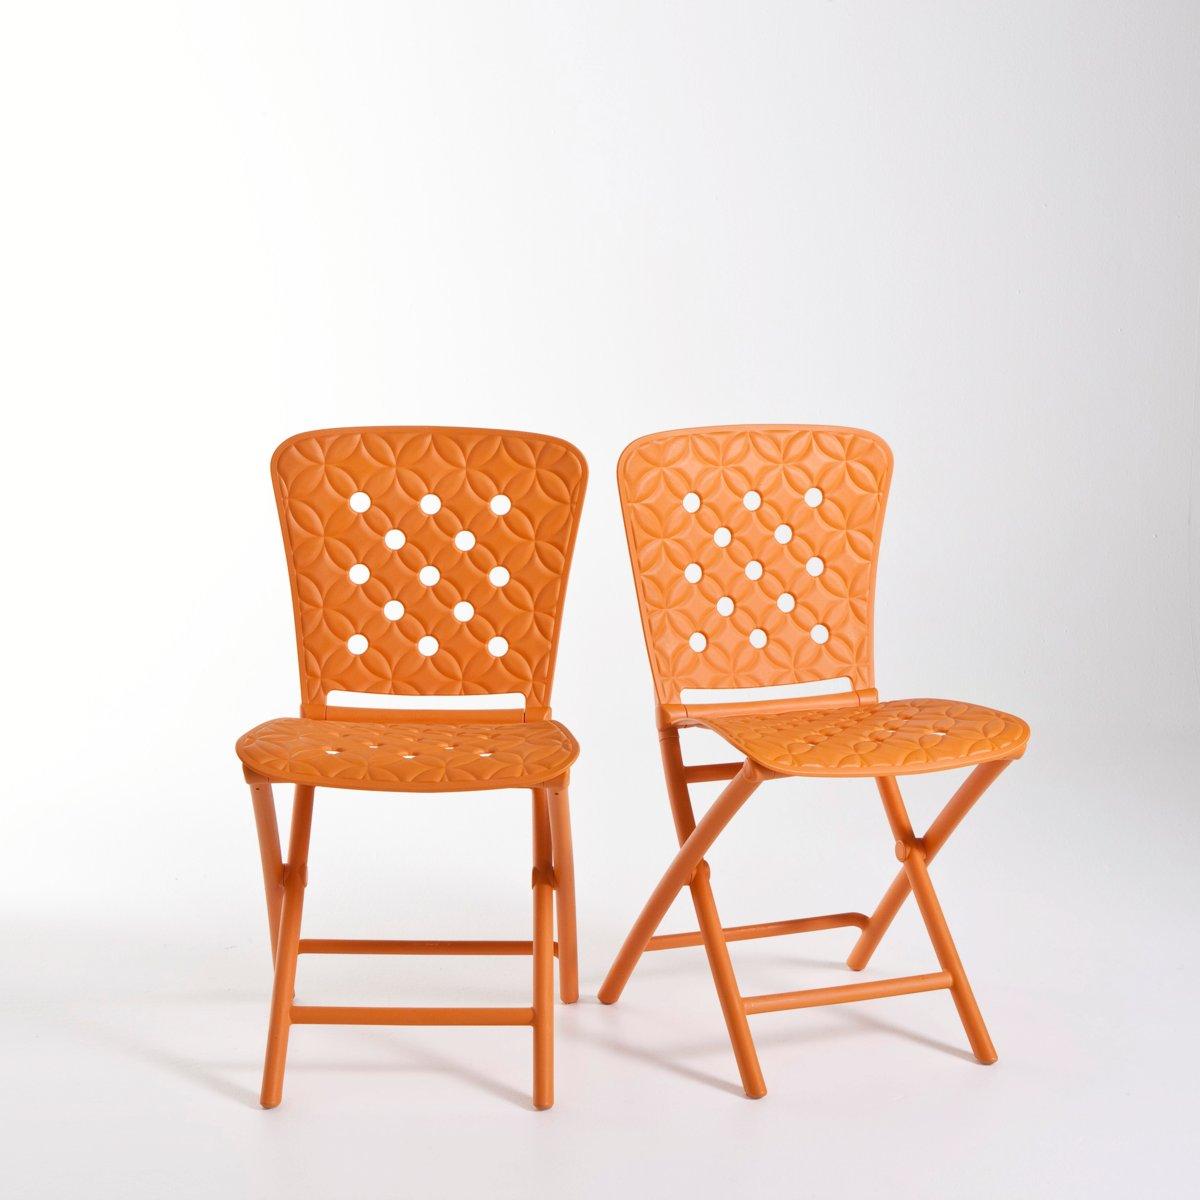 chaise r tro pliable le plein de couleurs chaises pour le jardin si ges s lection. Black Bedroom Furniture Sets. Home Design Ideas